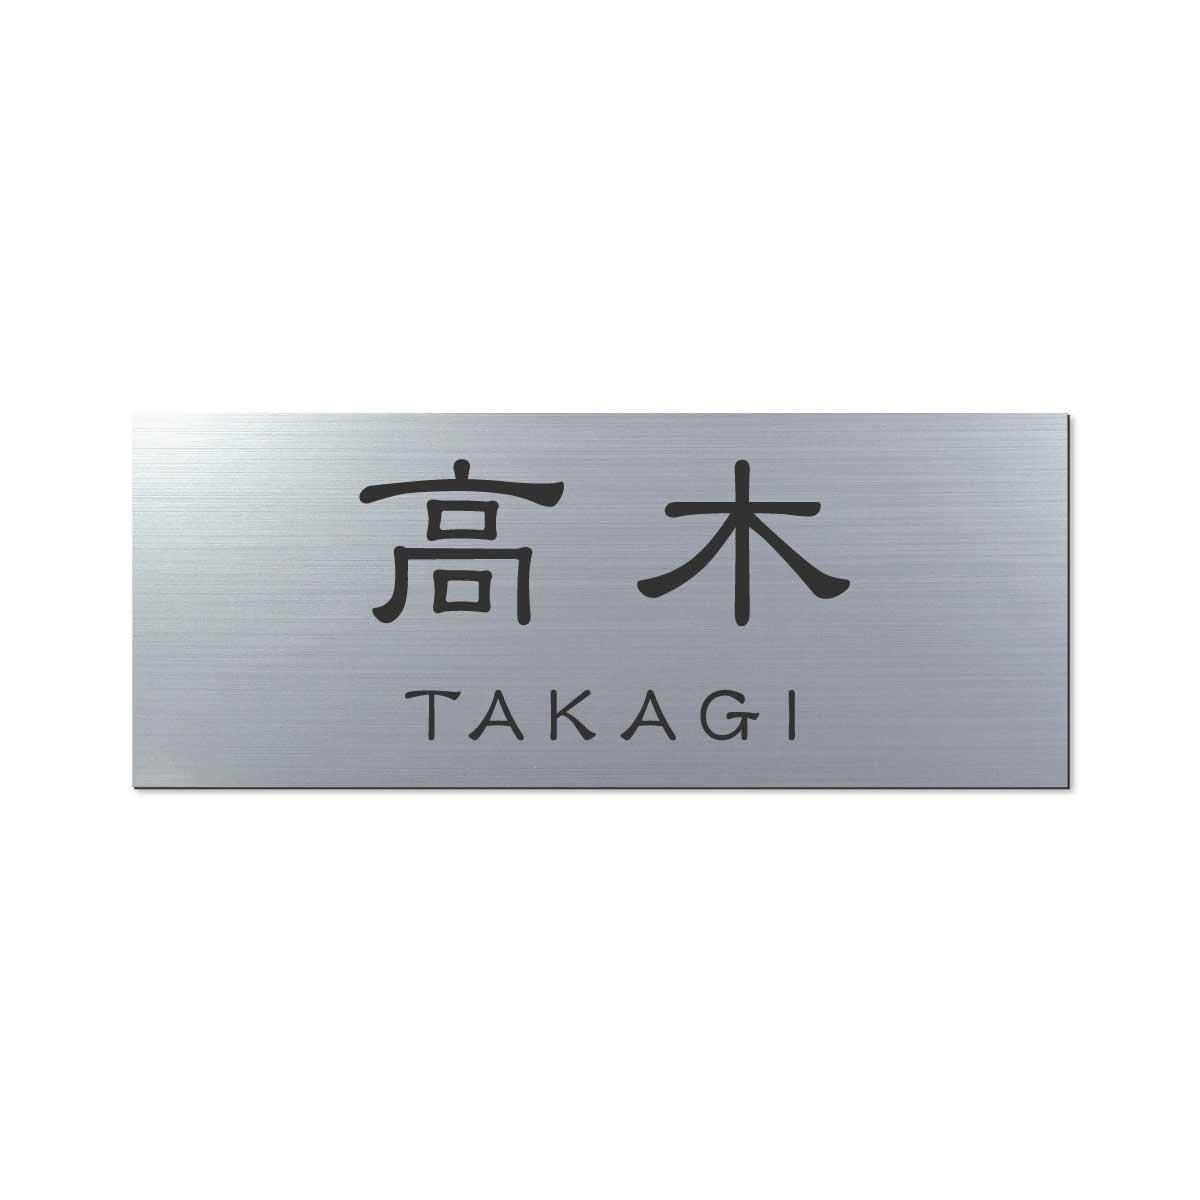 丸三タカギ 彫り込み済表札 アクリル APY2-S-3-1-高木 【完成品】   B01E59GO5G